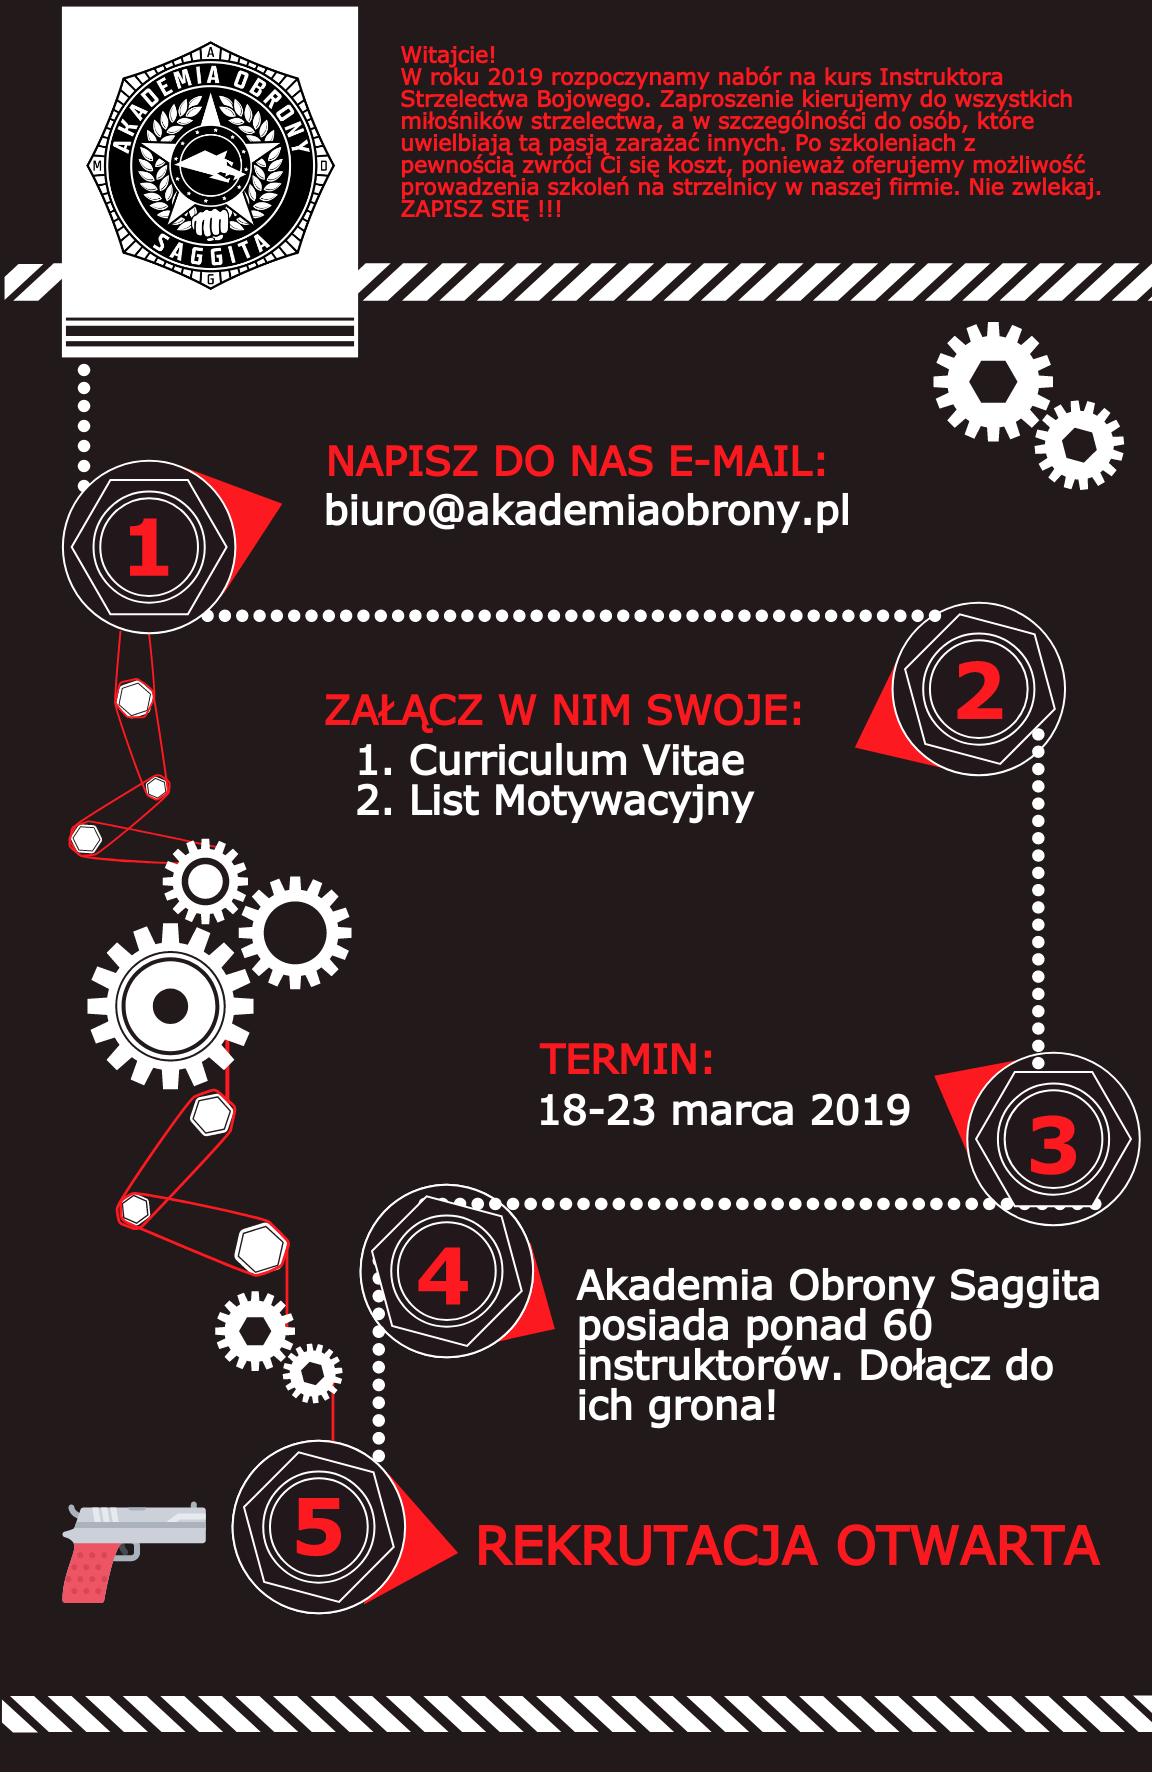 Akademia Obrony Saggita Tadeusz Dubicki, kurs instruktorski